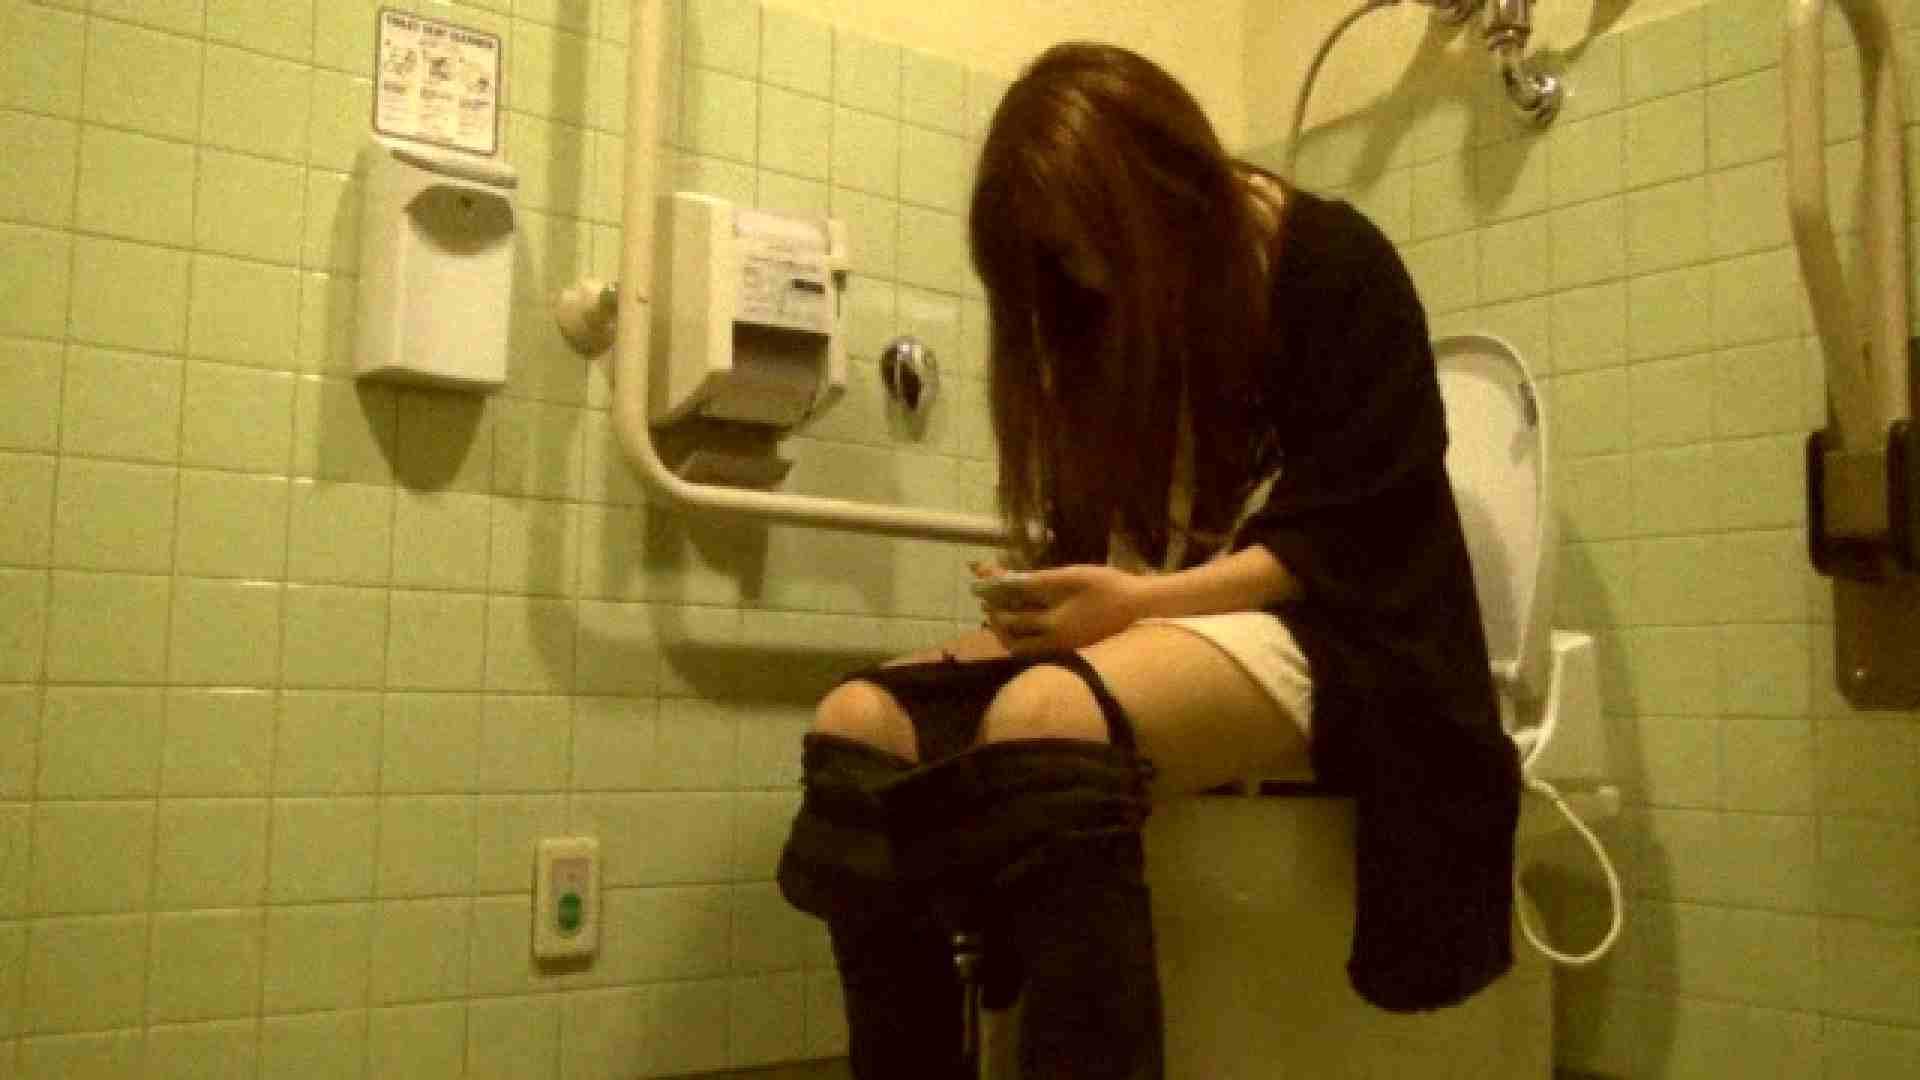 魔術師の お・も・て・な・し vol.26 19歳のバーの店員さんの洗面所をしばし… 洗面所 | 美女OL  54連発 5